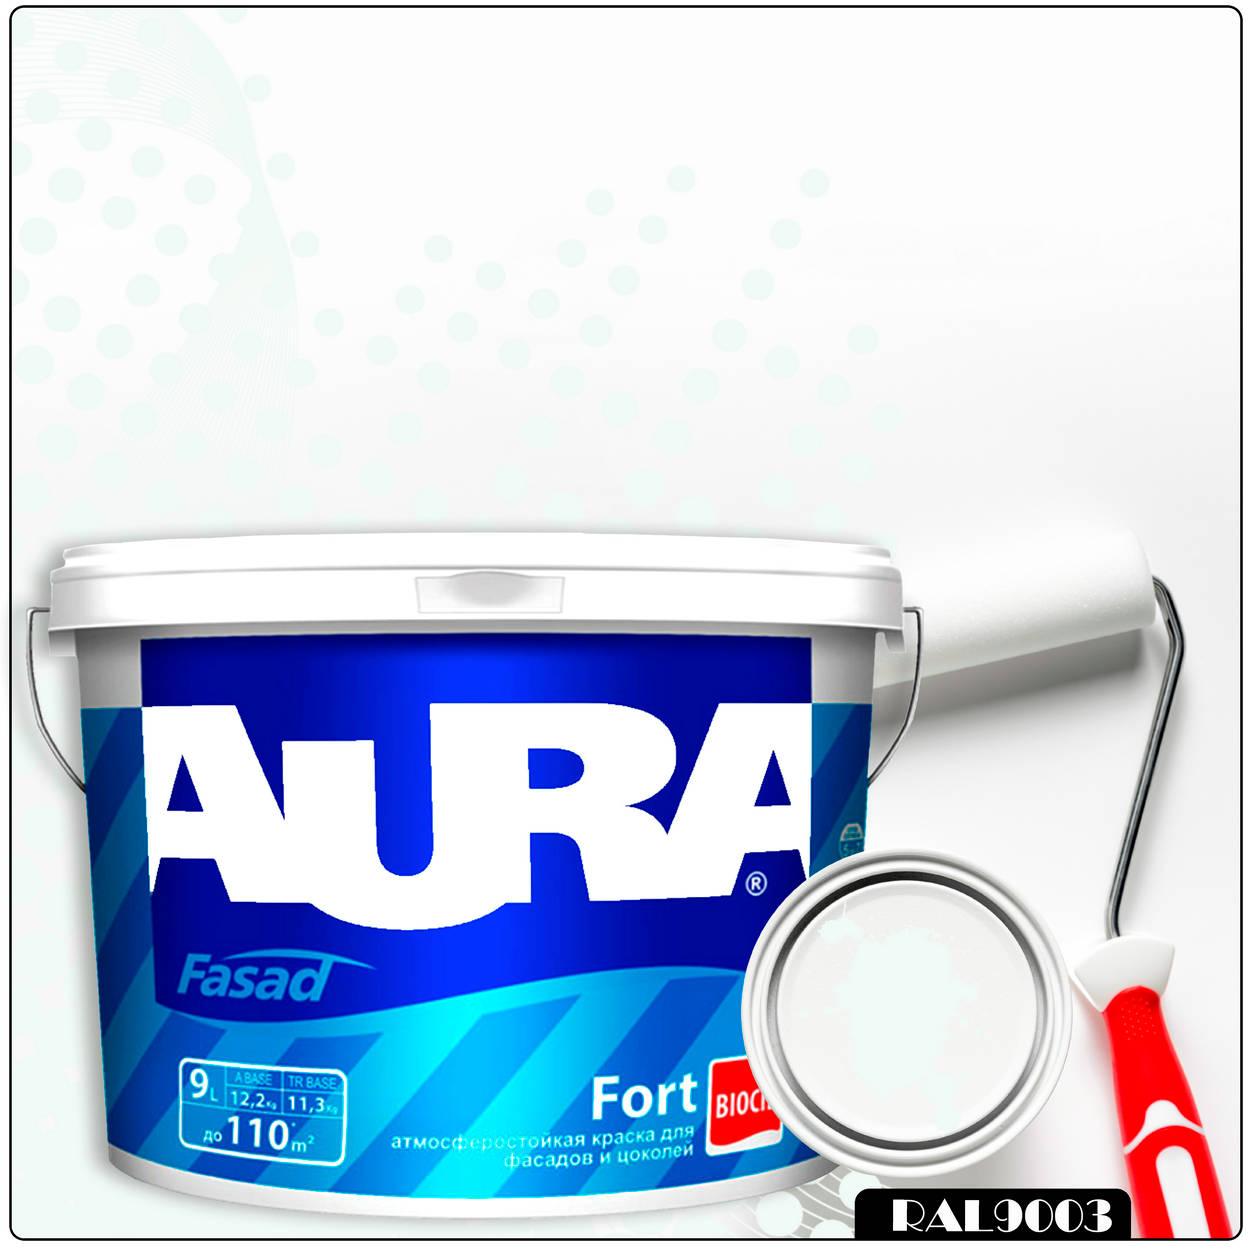 Фото 3 - Краска Aura Fasad Fort, RAL 9003 Сигнальный белый, латексная, матовая, для фасада и цоколей, 9л, Аура.